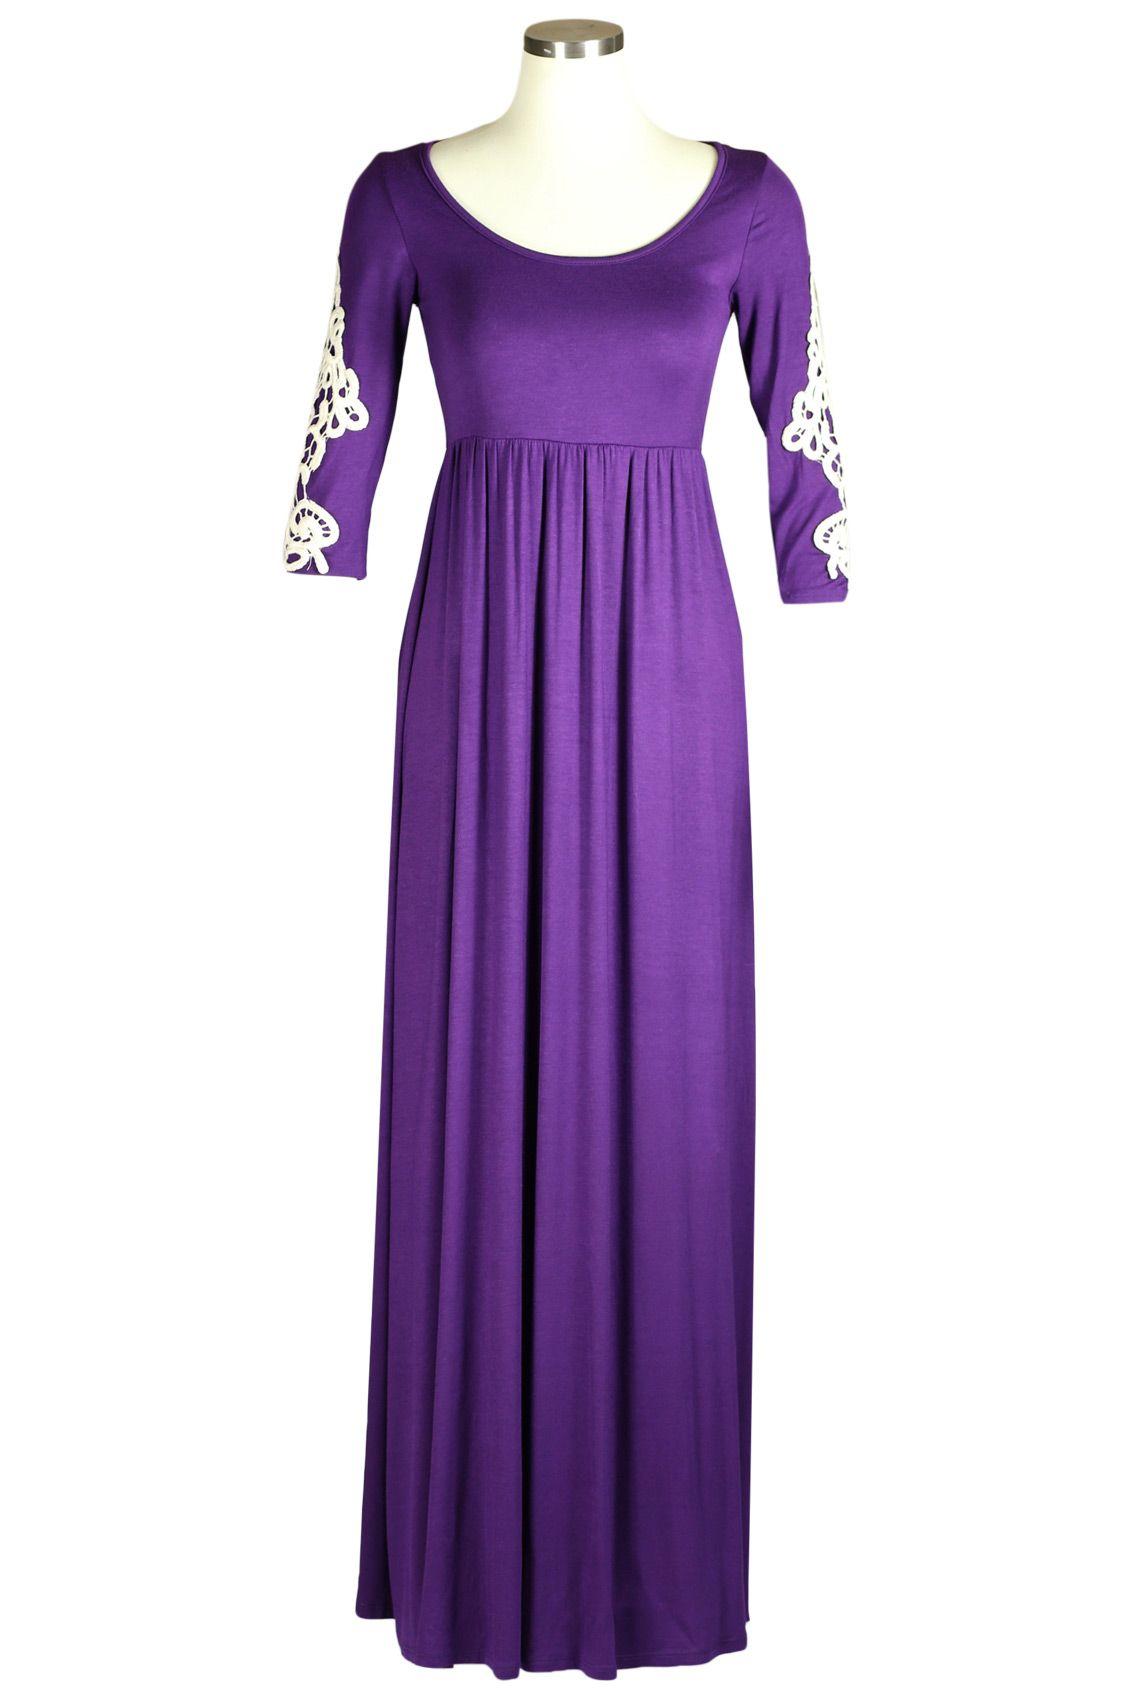 Modest Maxi Dress for Women   Crochet Sleeve Long Dress